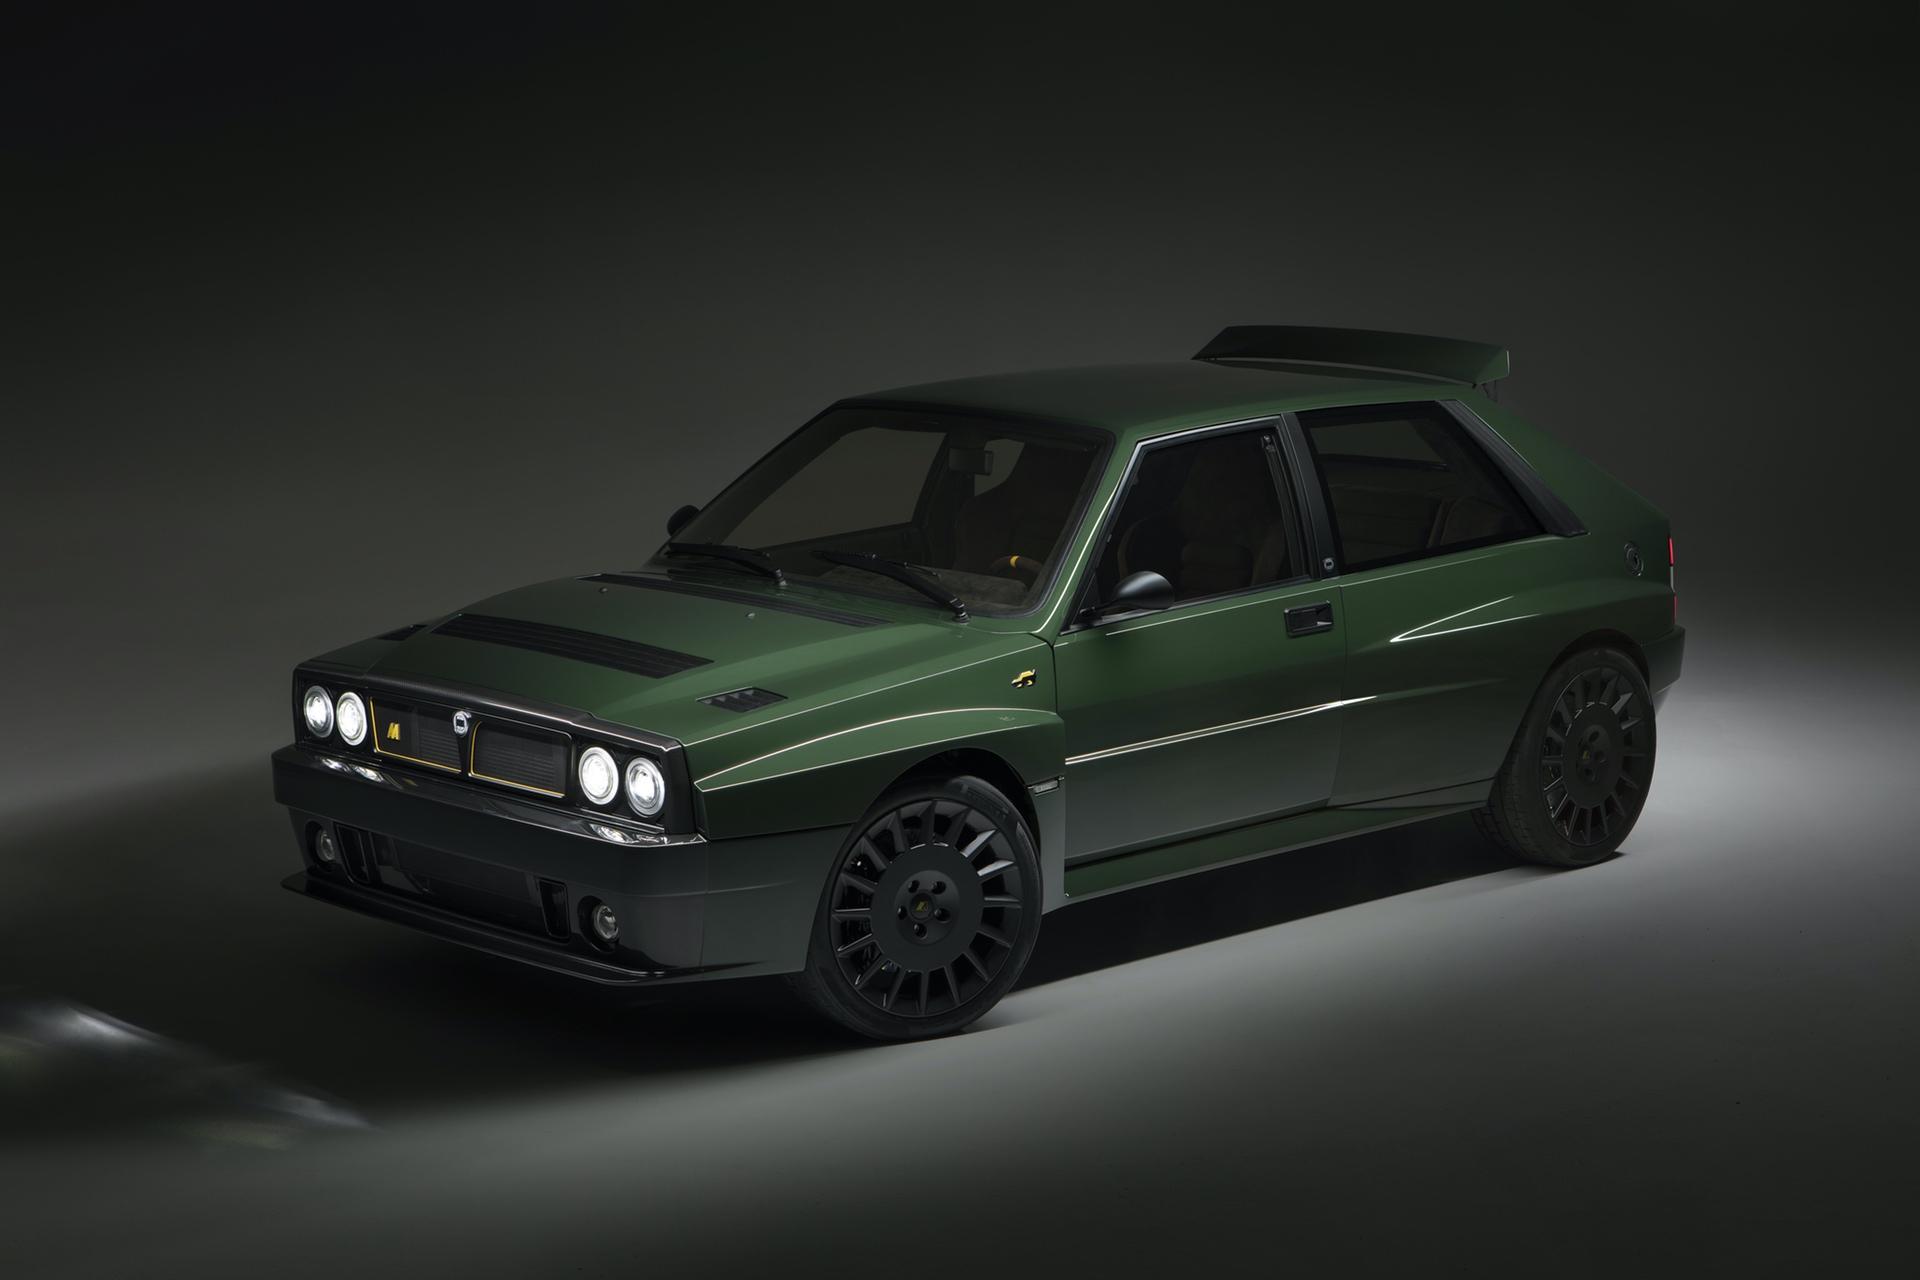 Lancia_Delta_Futurista_0004